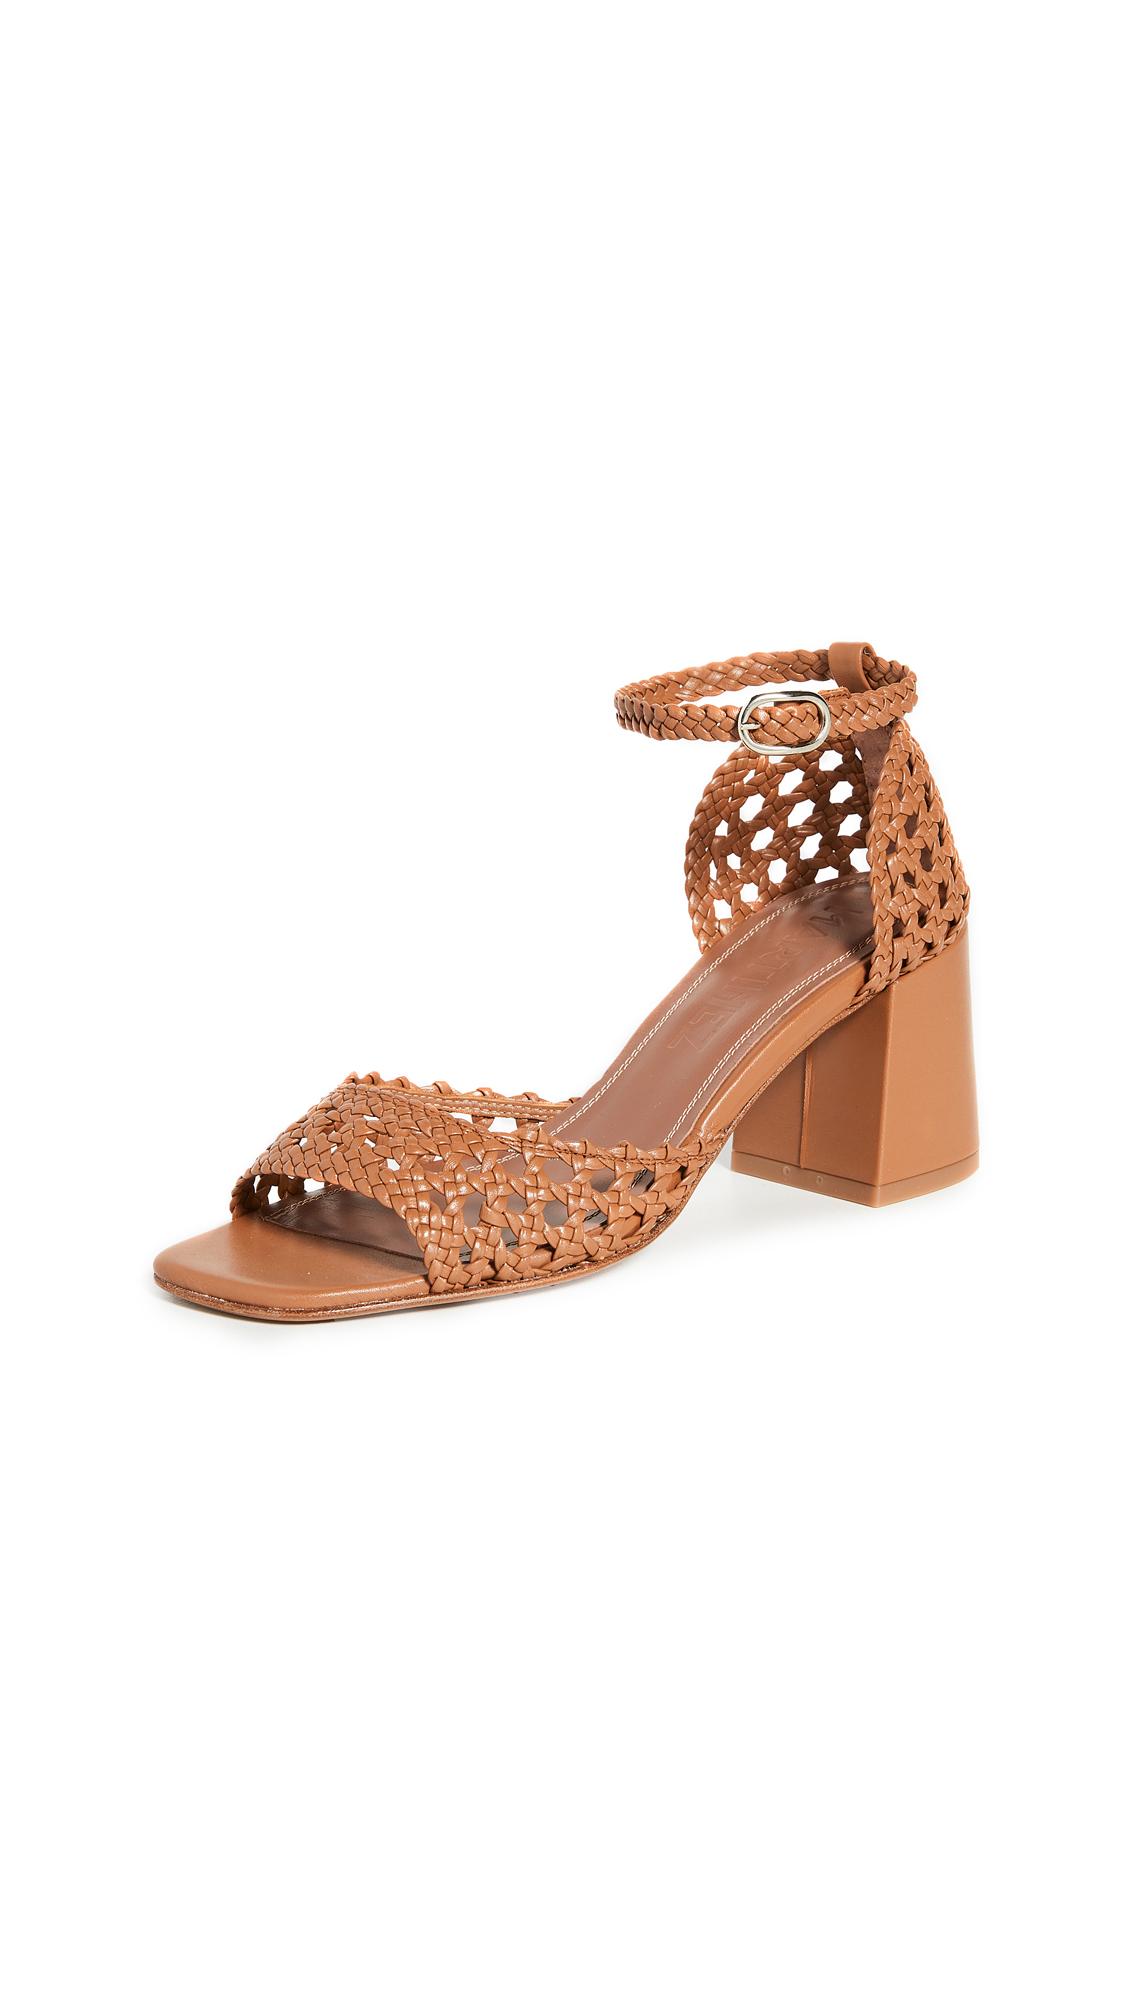 Buy Souliers Martinez Procida Sandals online, shop Souliers Martinez